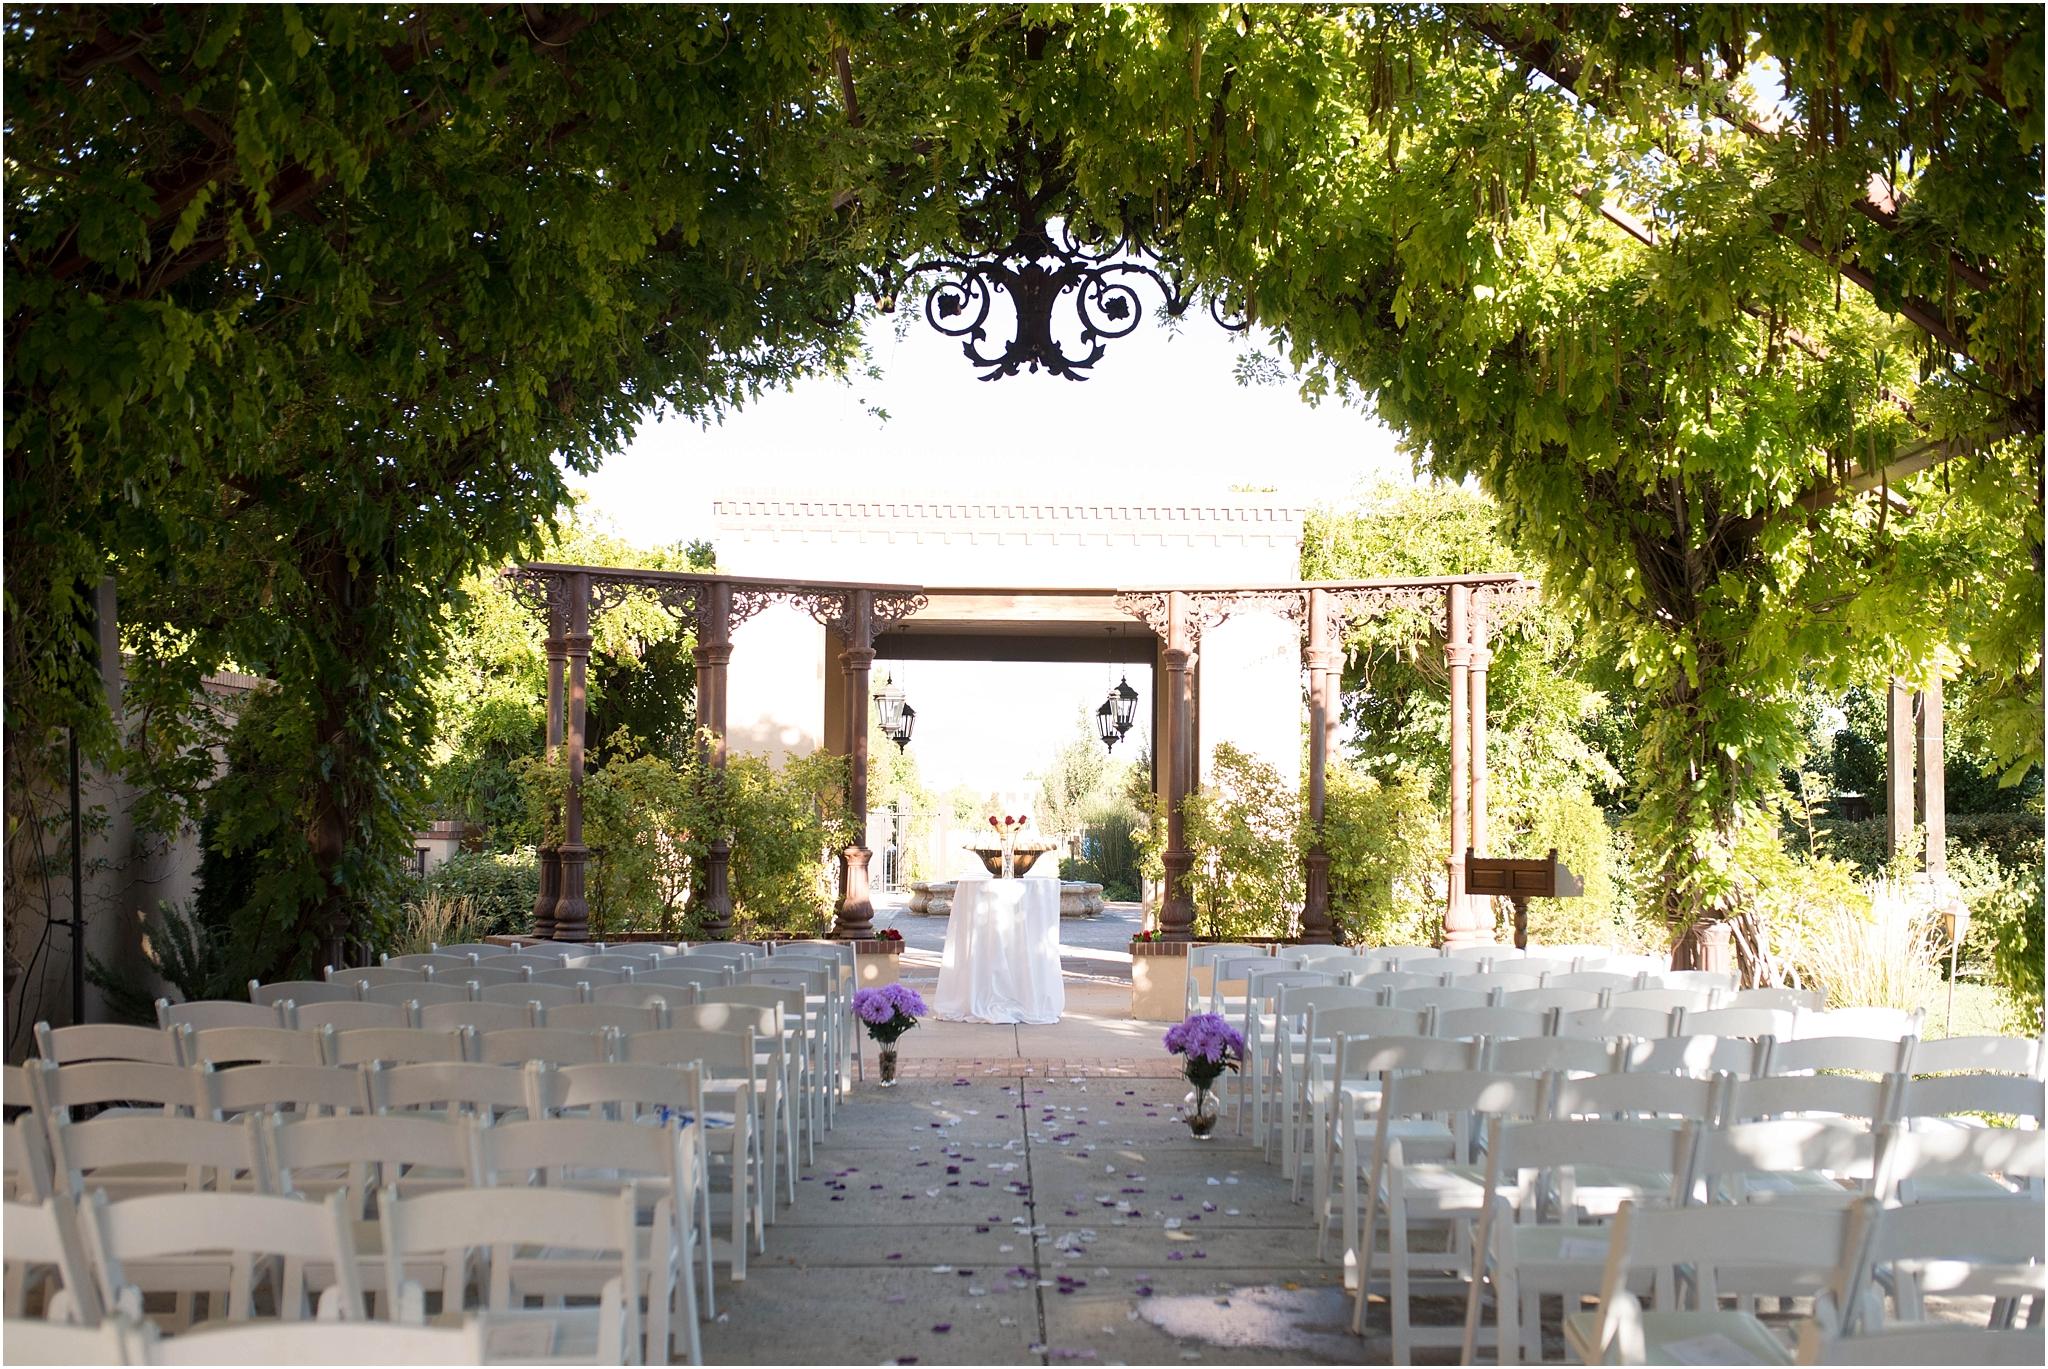 kayla kitts photography - new mexico wedding photographer - albuquerque botanic gardens - hotel albuquerque_0148.jpg